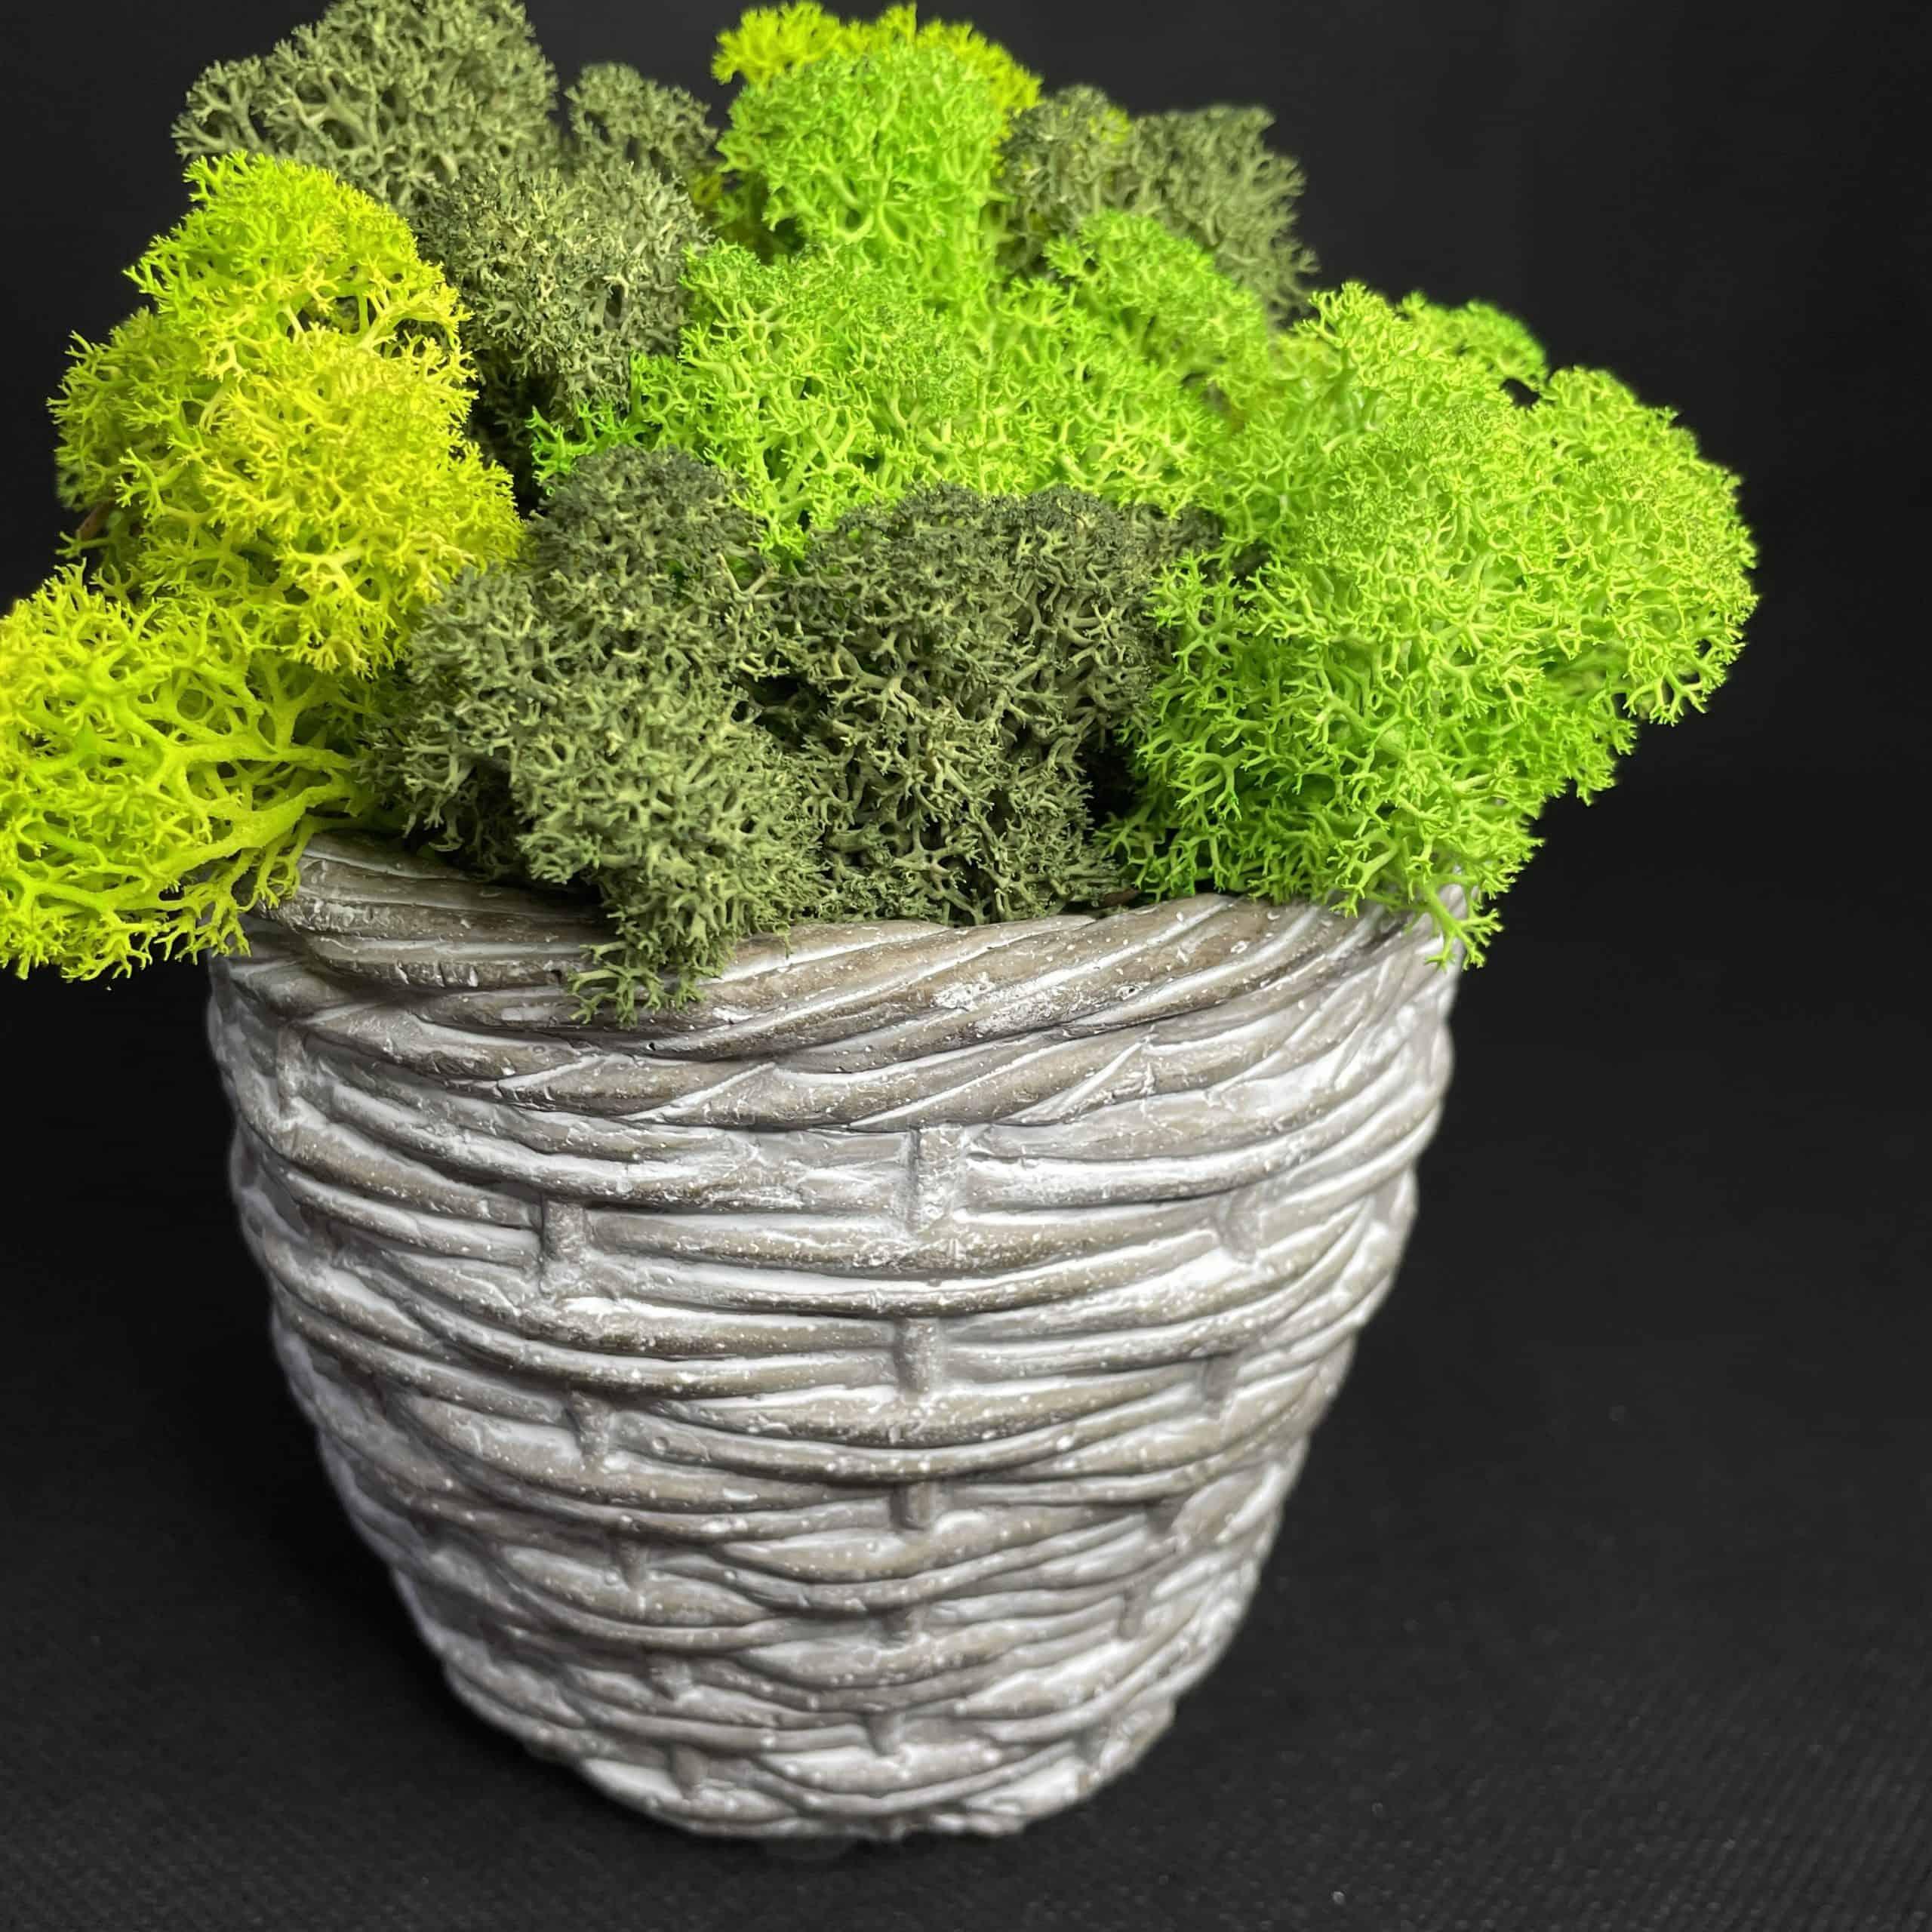 Preserved Moss Woven Style Pot | Green Mix Reindeer Moss